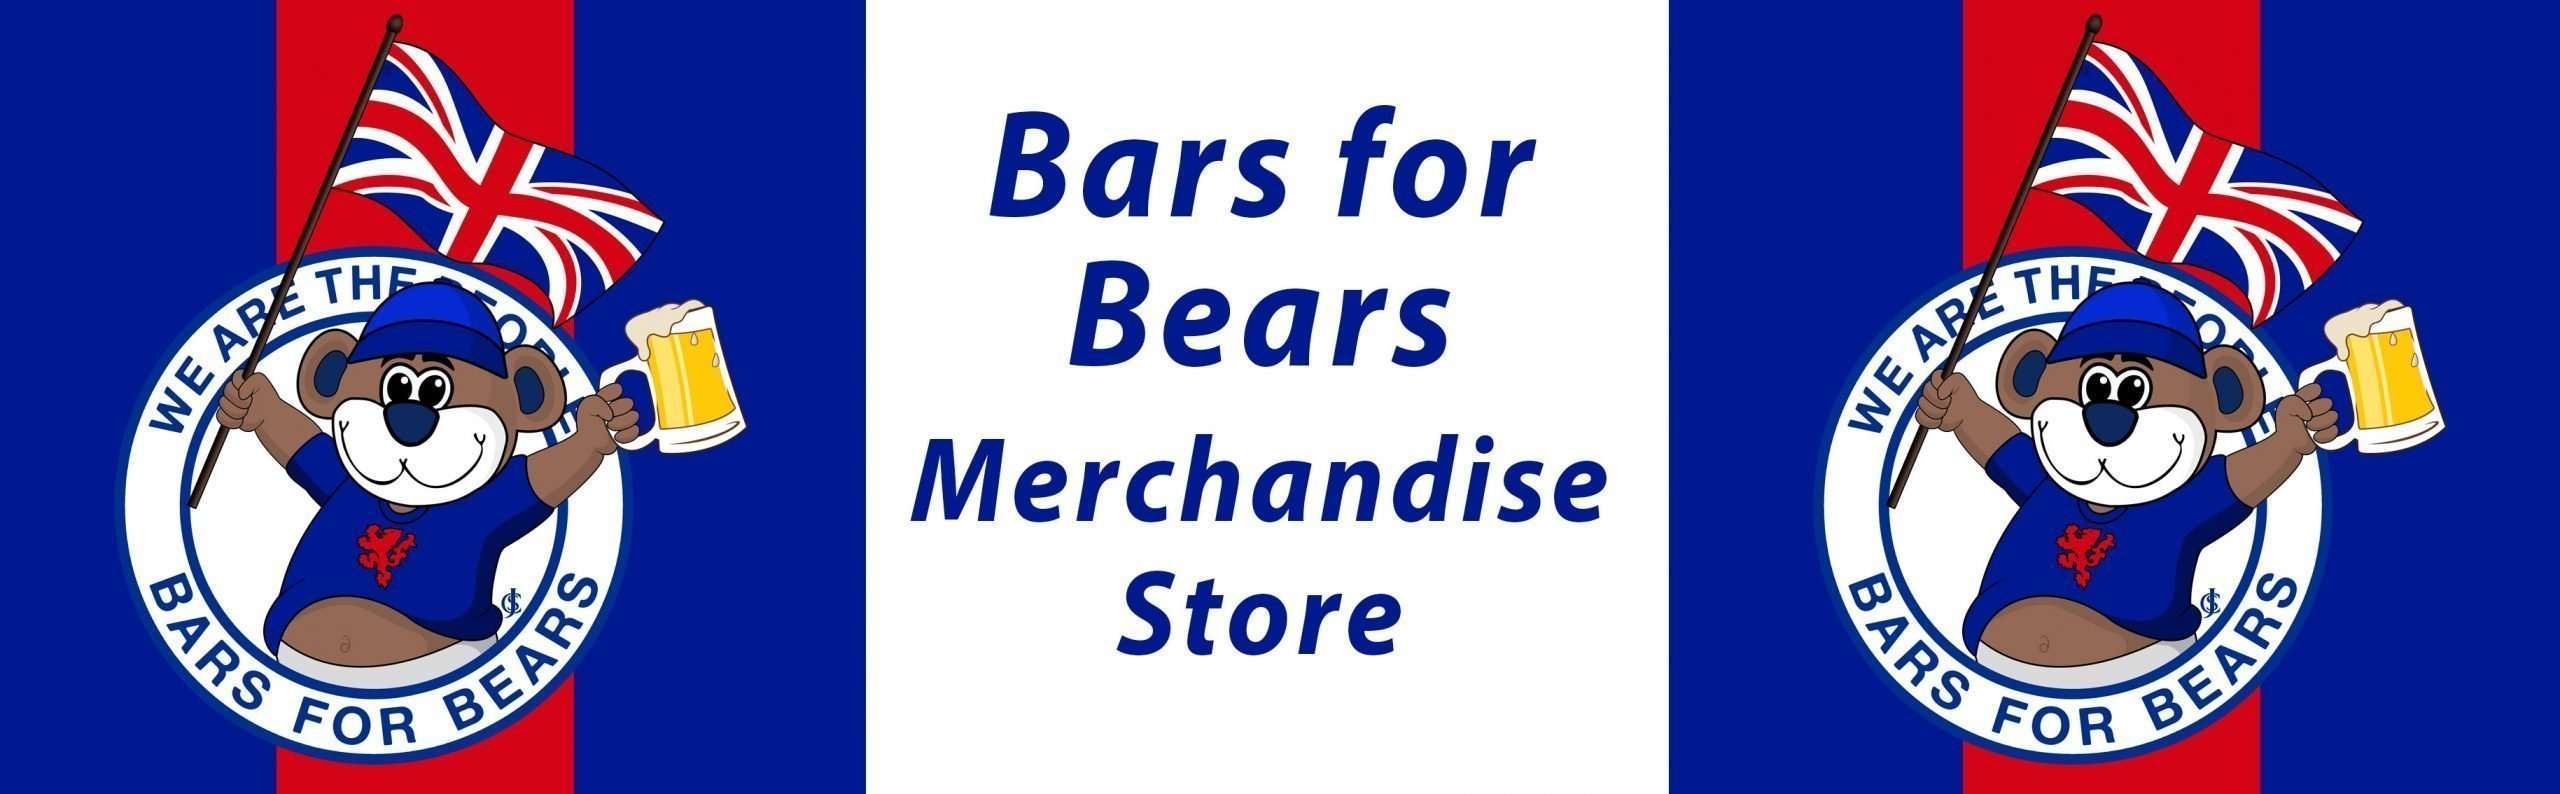 Bars for Bears Merchandise Store